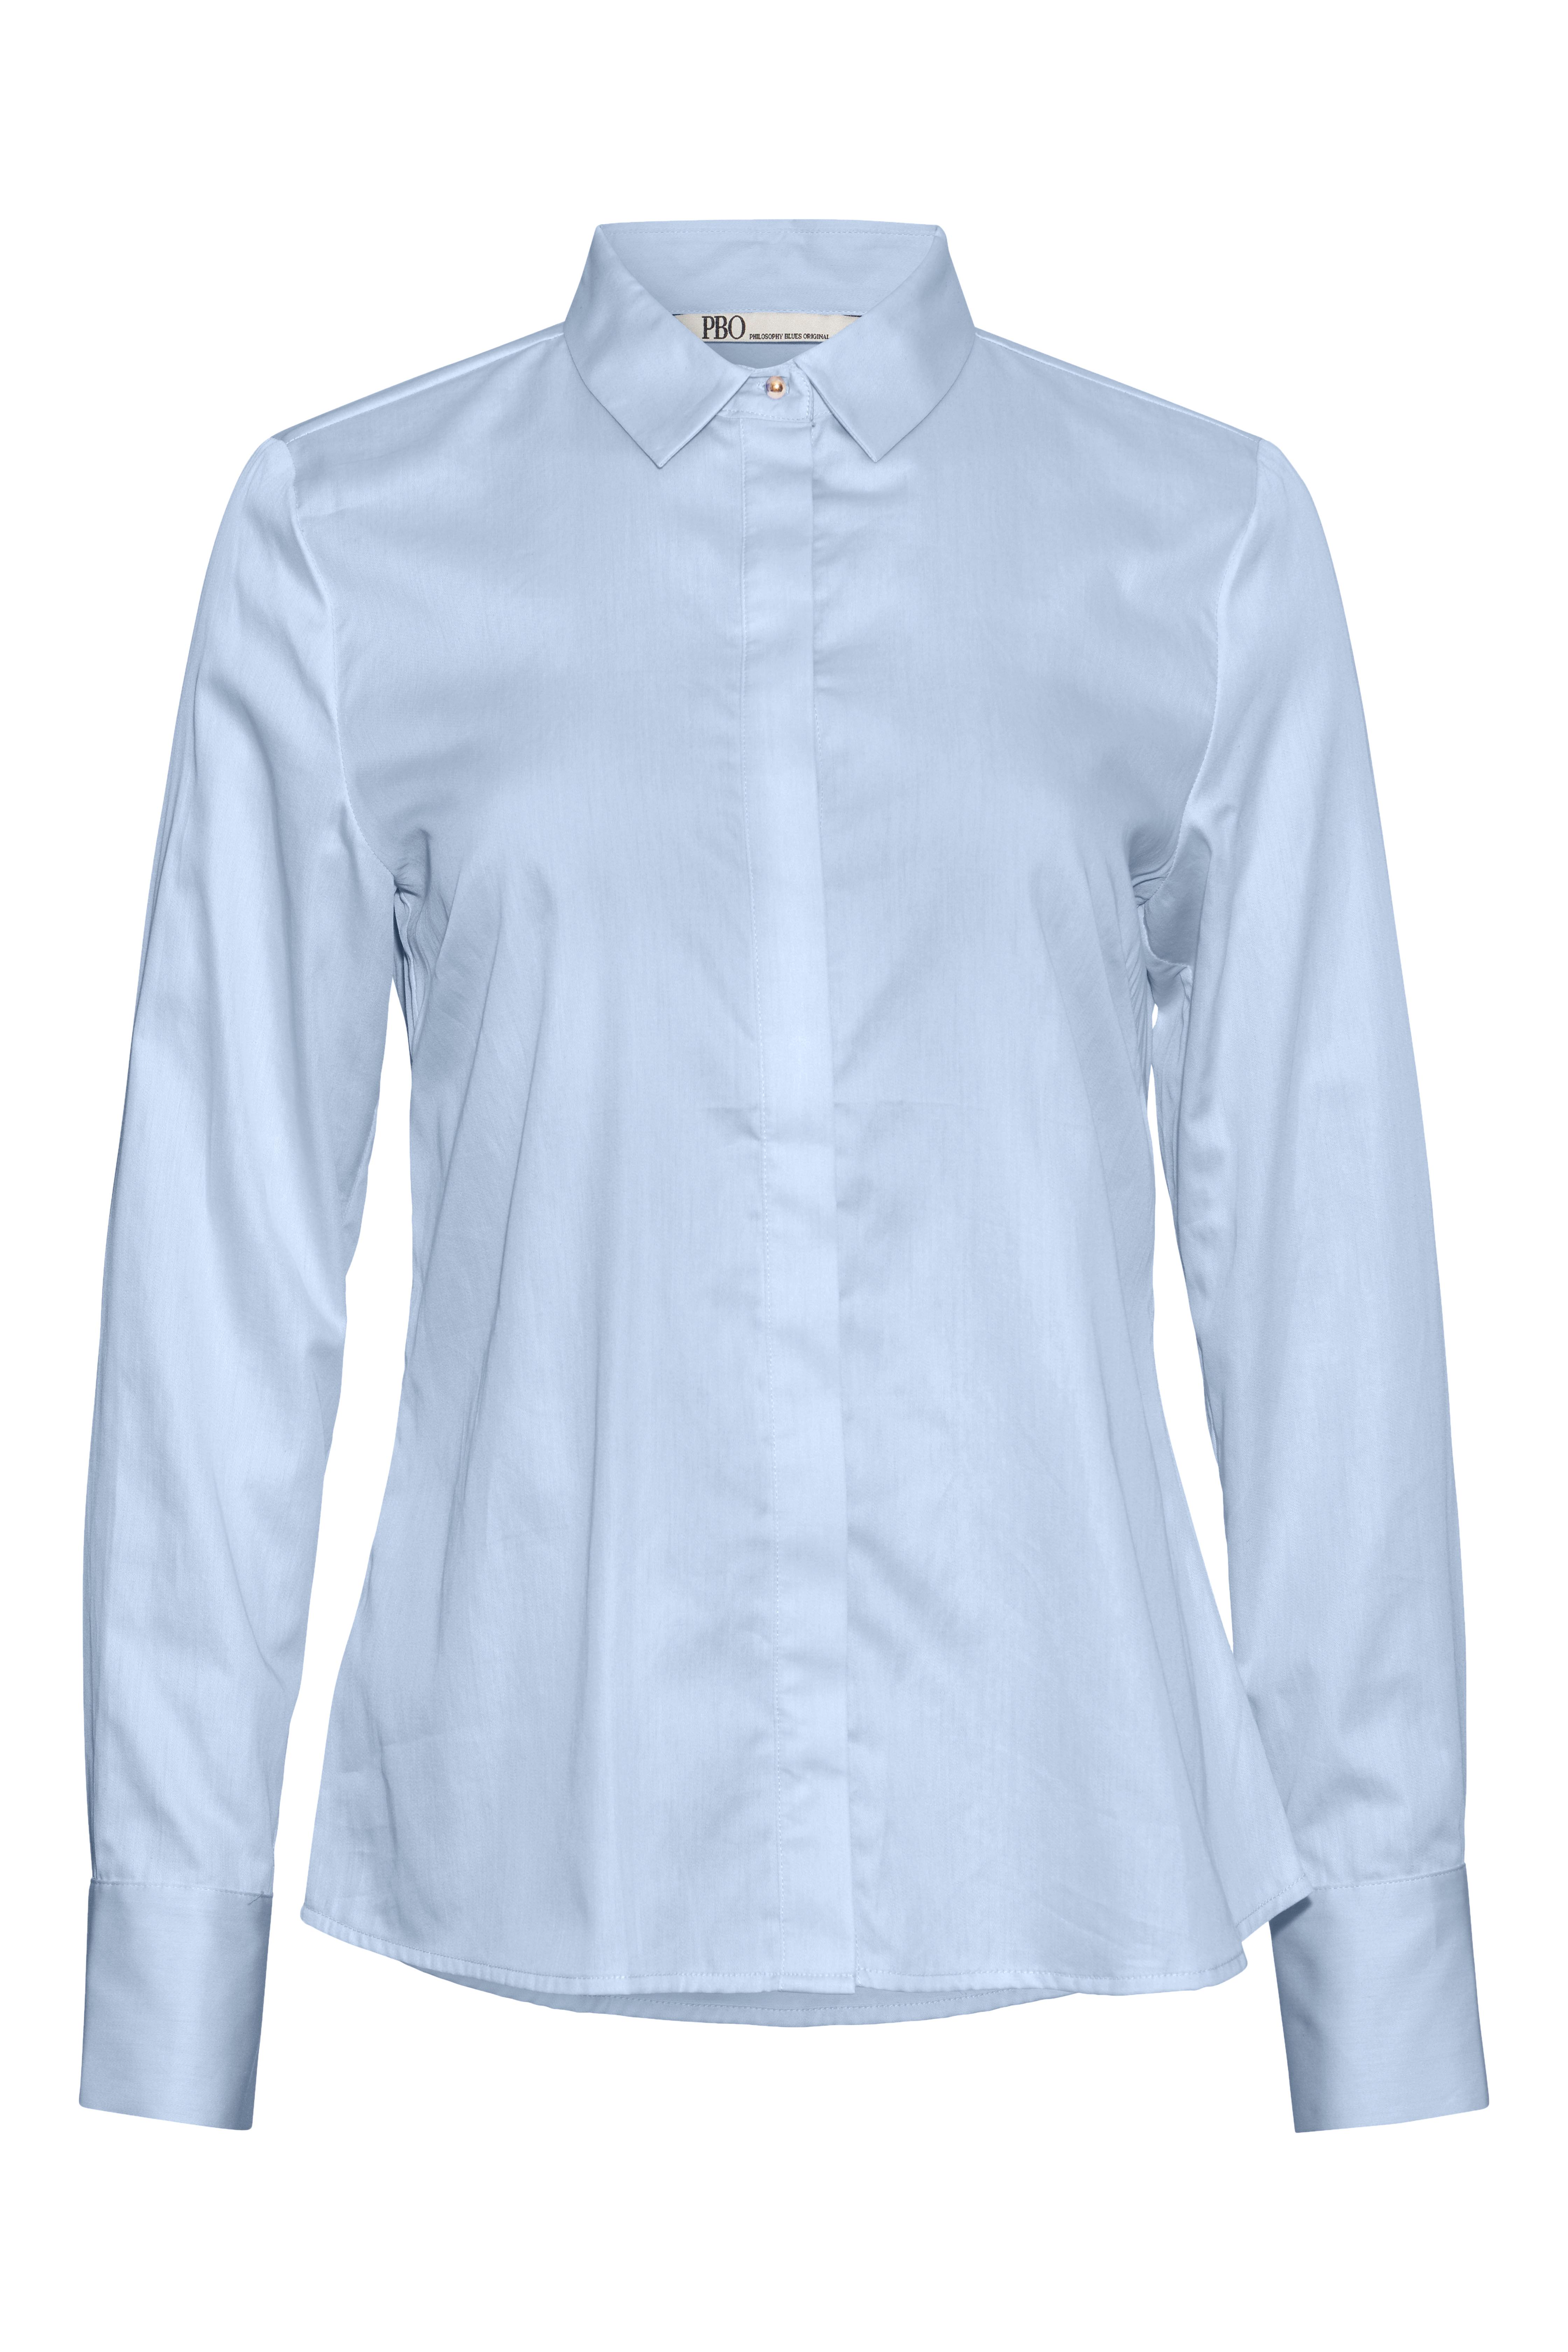 PBO Meghan Skjorte, Blå, 38